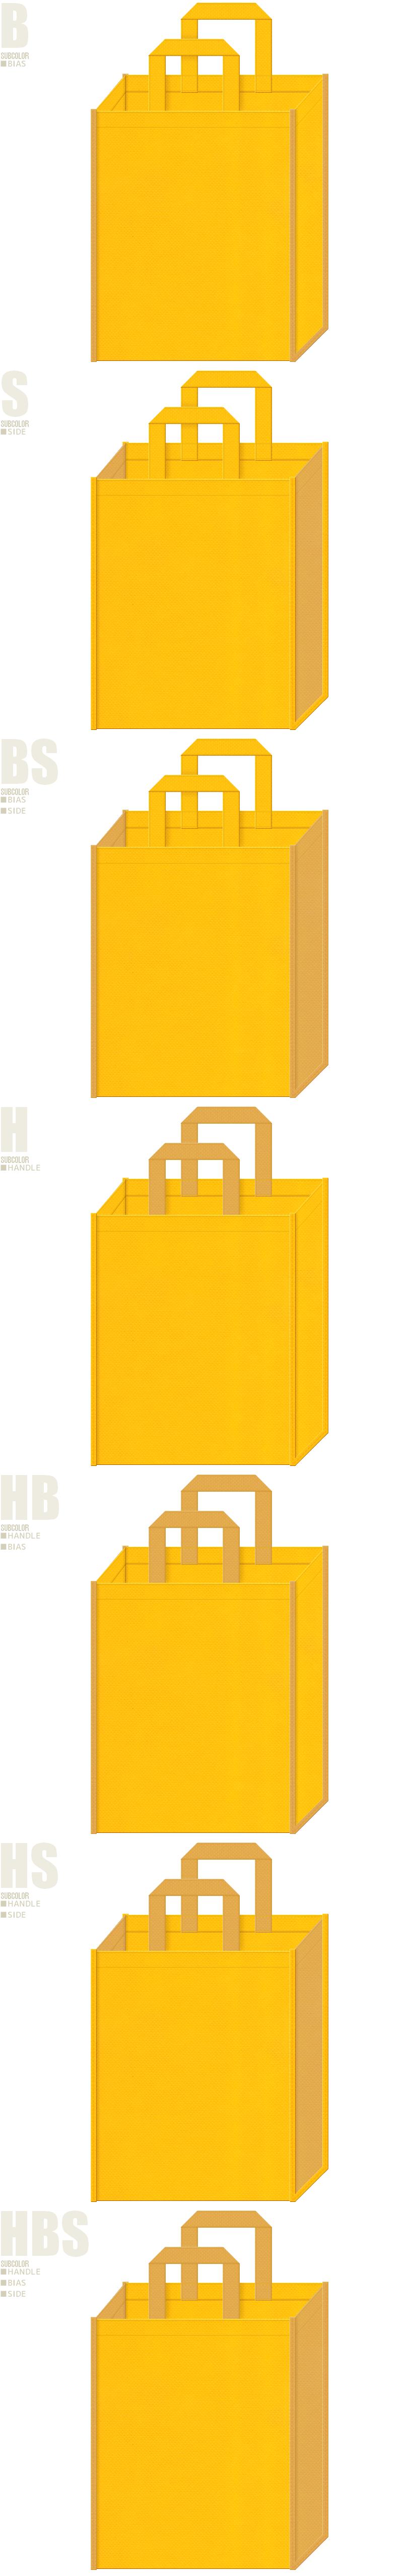 フライヤー・食用油・麦・ビール・スイーツ・クッキー・キャラメル・マロンケーキ・バター・はちみつ・栗・和菓子・絵本・お宝・黄金・ピラミッド・ラクダ・砂漠・砂丘・テーマパーク・ゲーム・通園バッグ・キッズイベントにお奨めの不織布バッグデザイン:黄色と黄土色の配色7パターン。